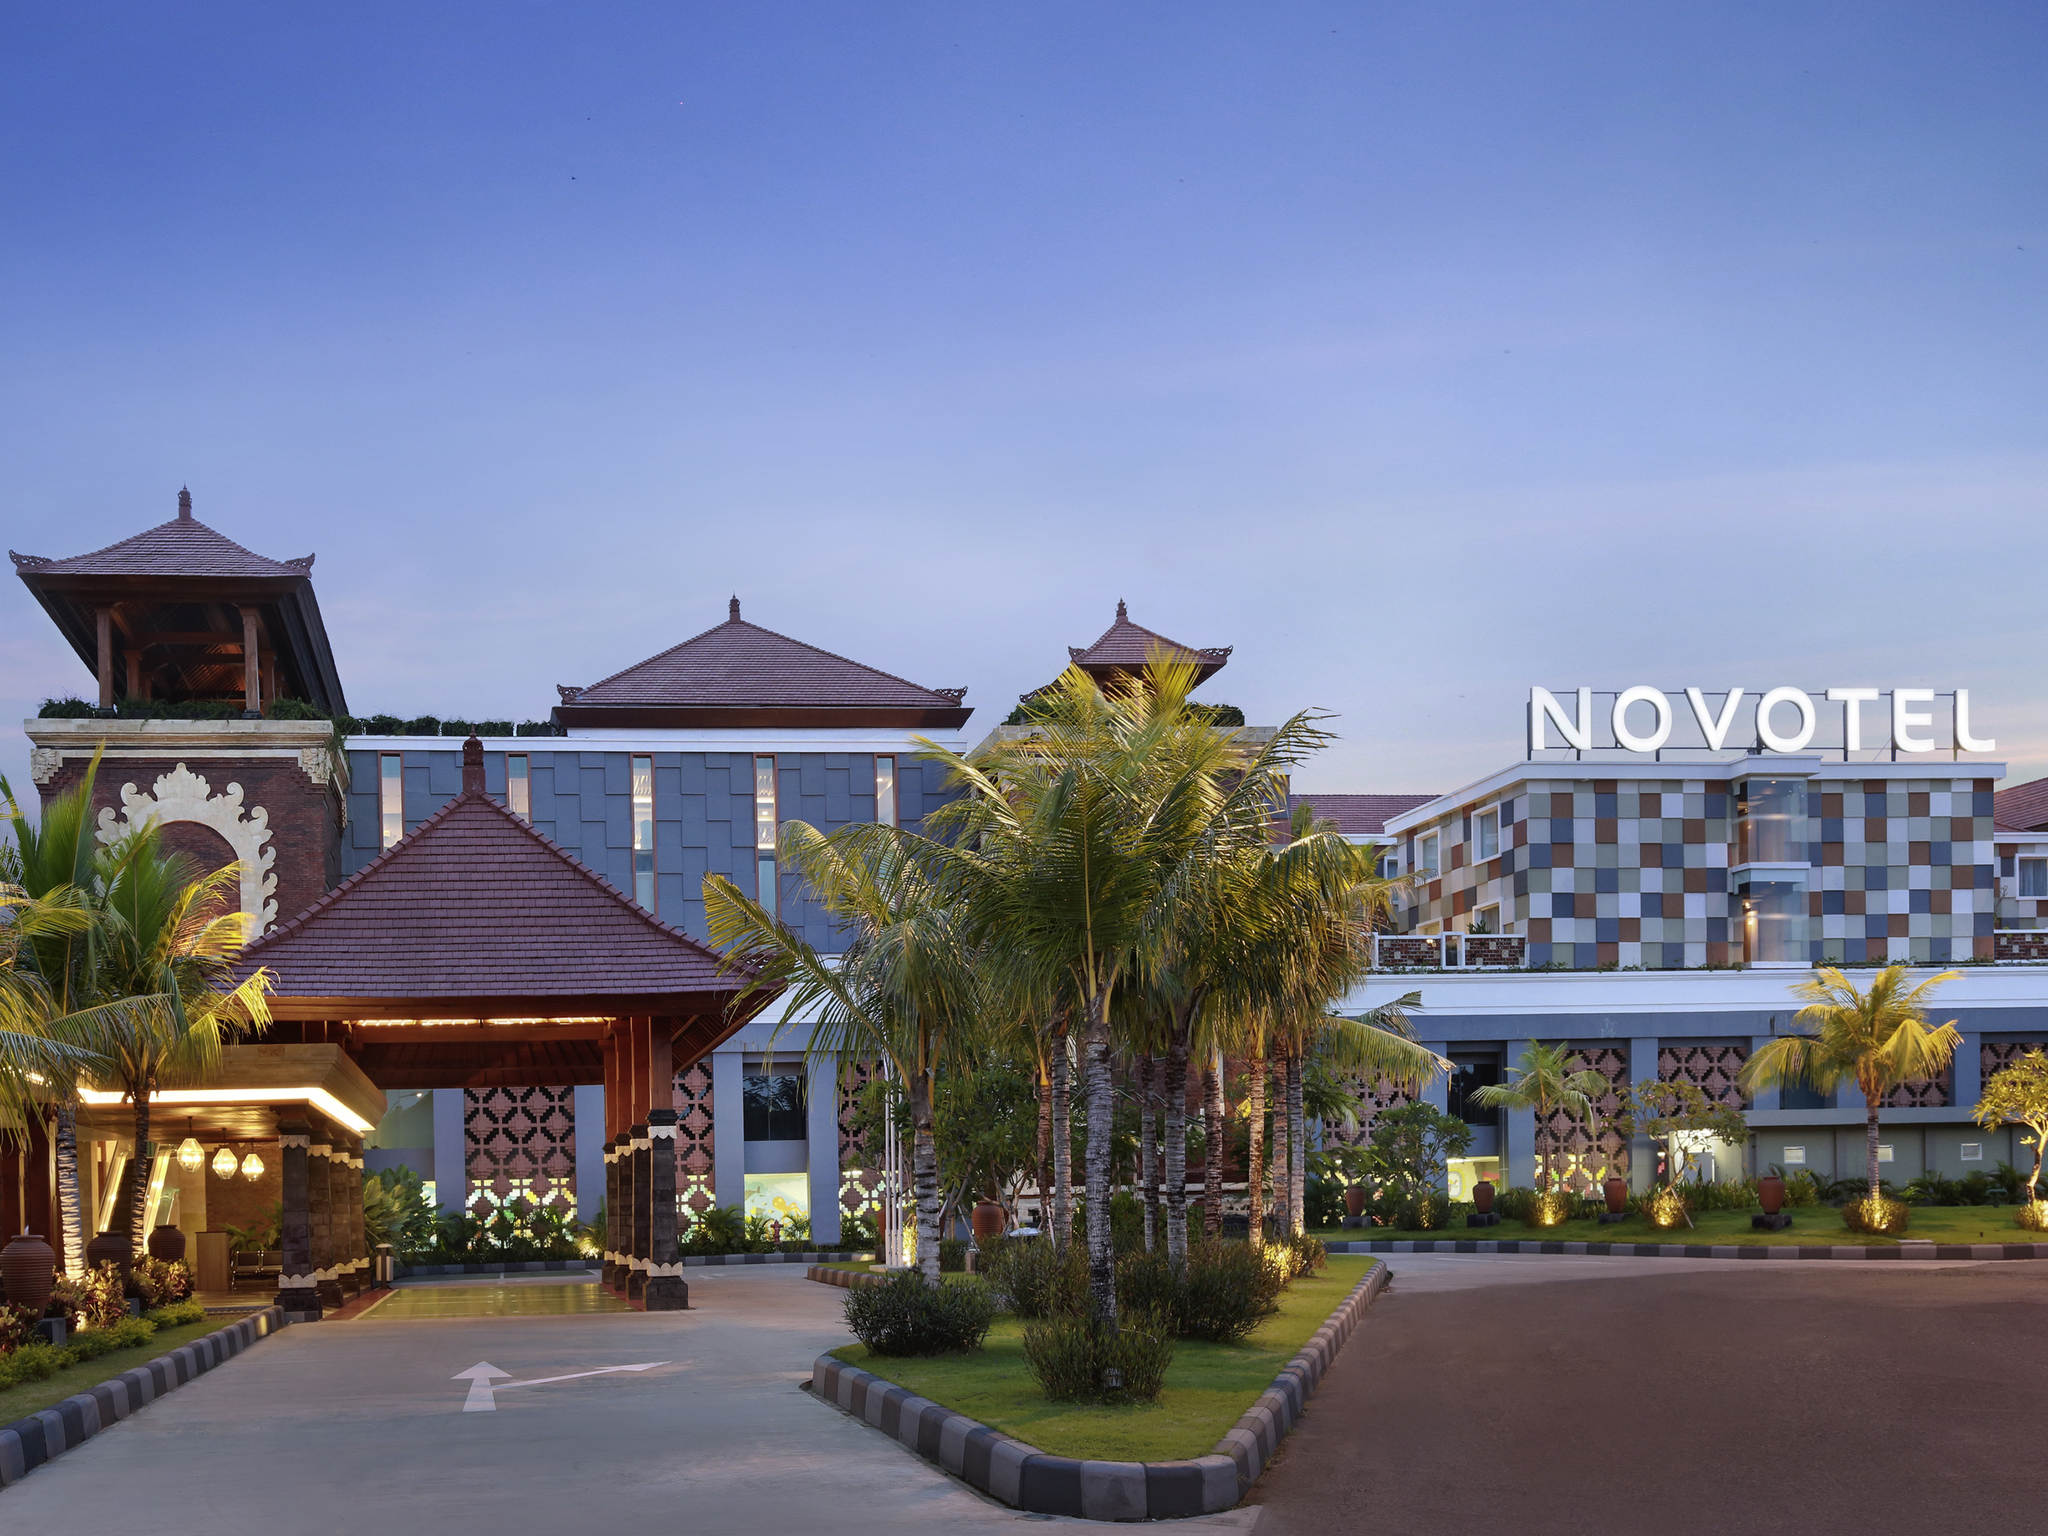 هتل نووتل 4 ستاره فرودگاه نگورا رای بالی Novotel Bali Ngurah Rai Airport